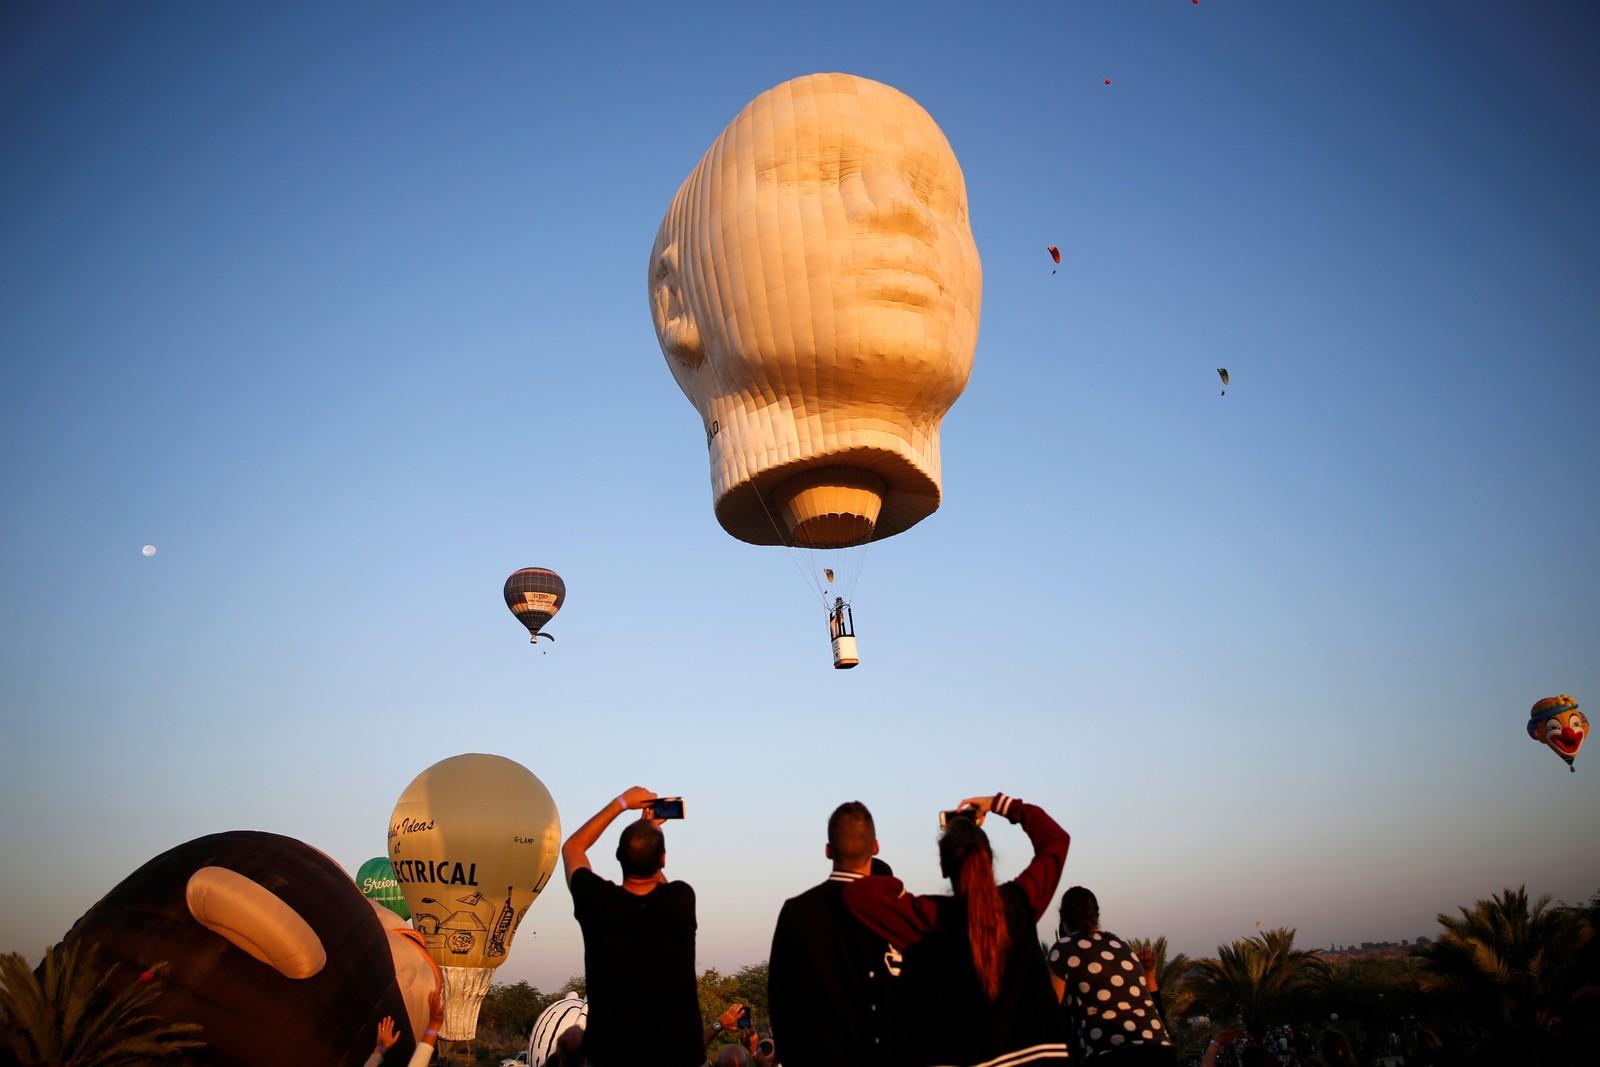 Dette er fra en internasjonal varmluftballongfestival nær Netivot i Israel den 22. juli. Festivalen varer i to dager.